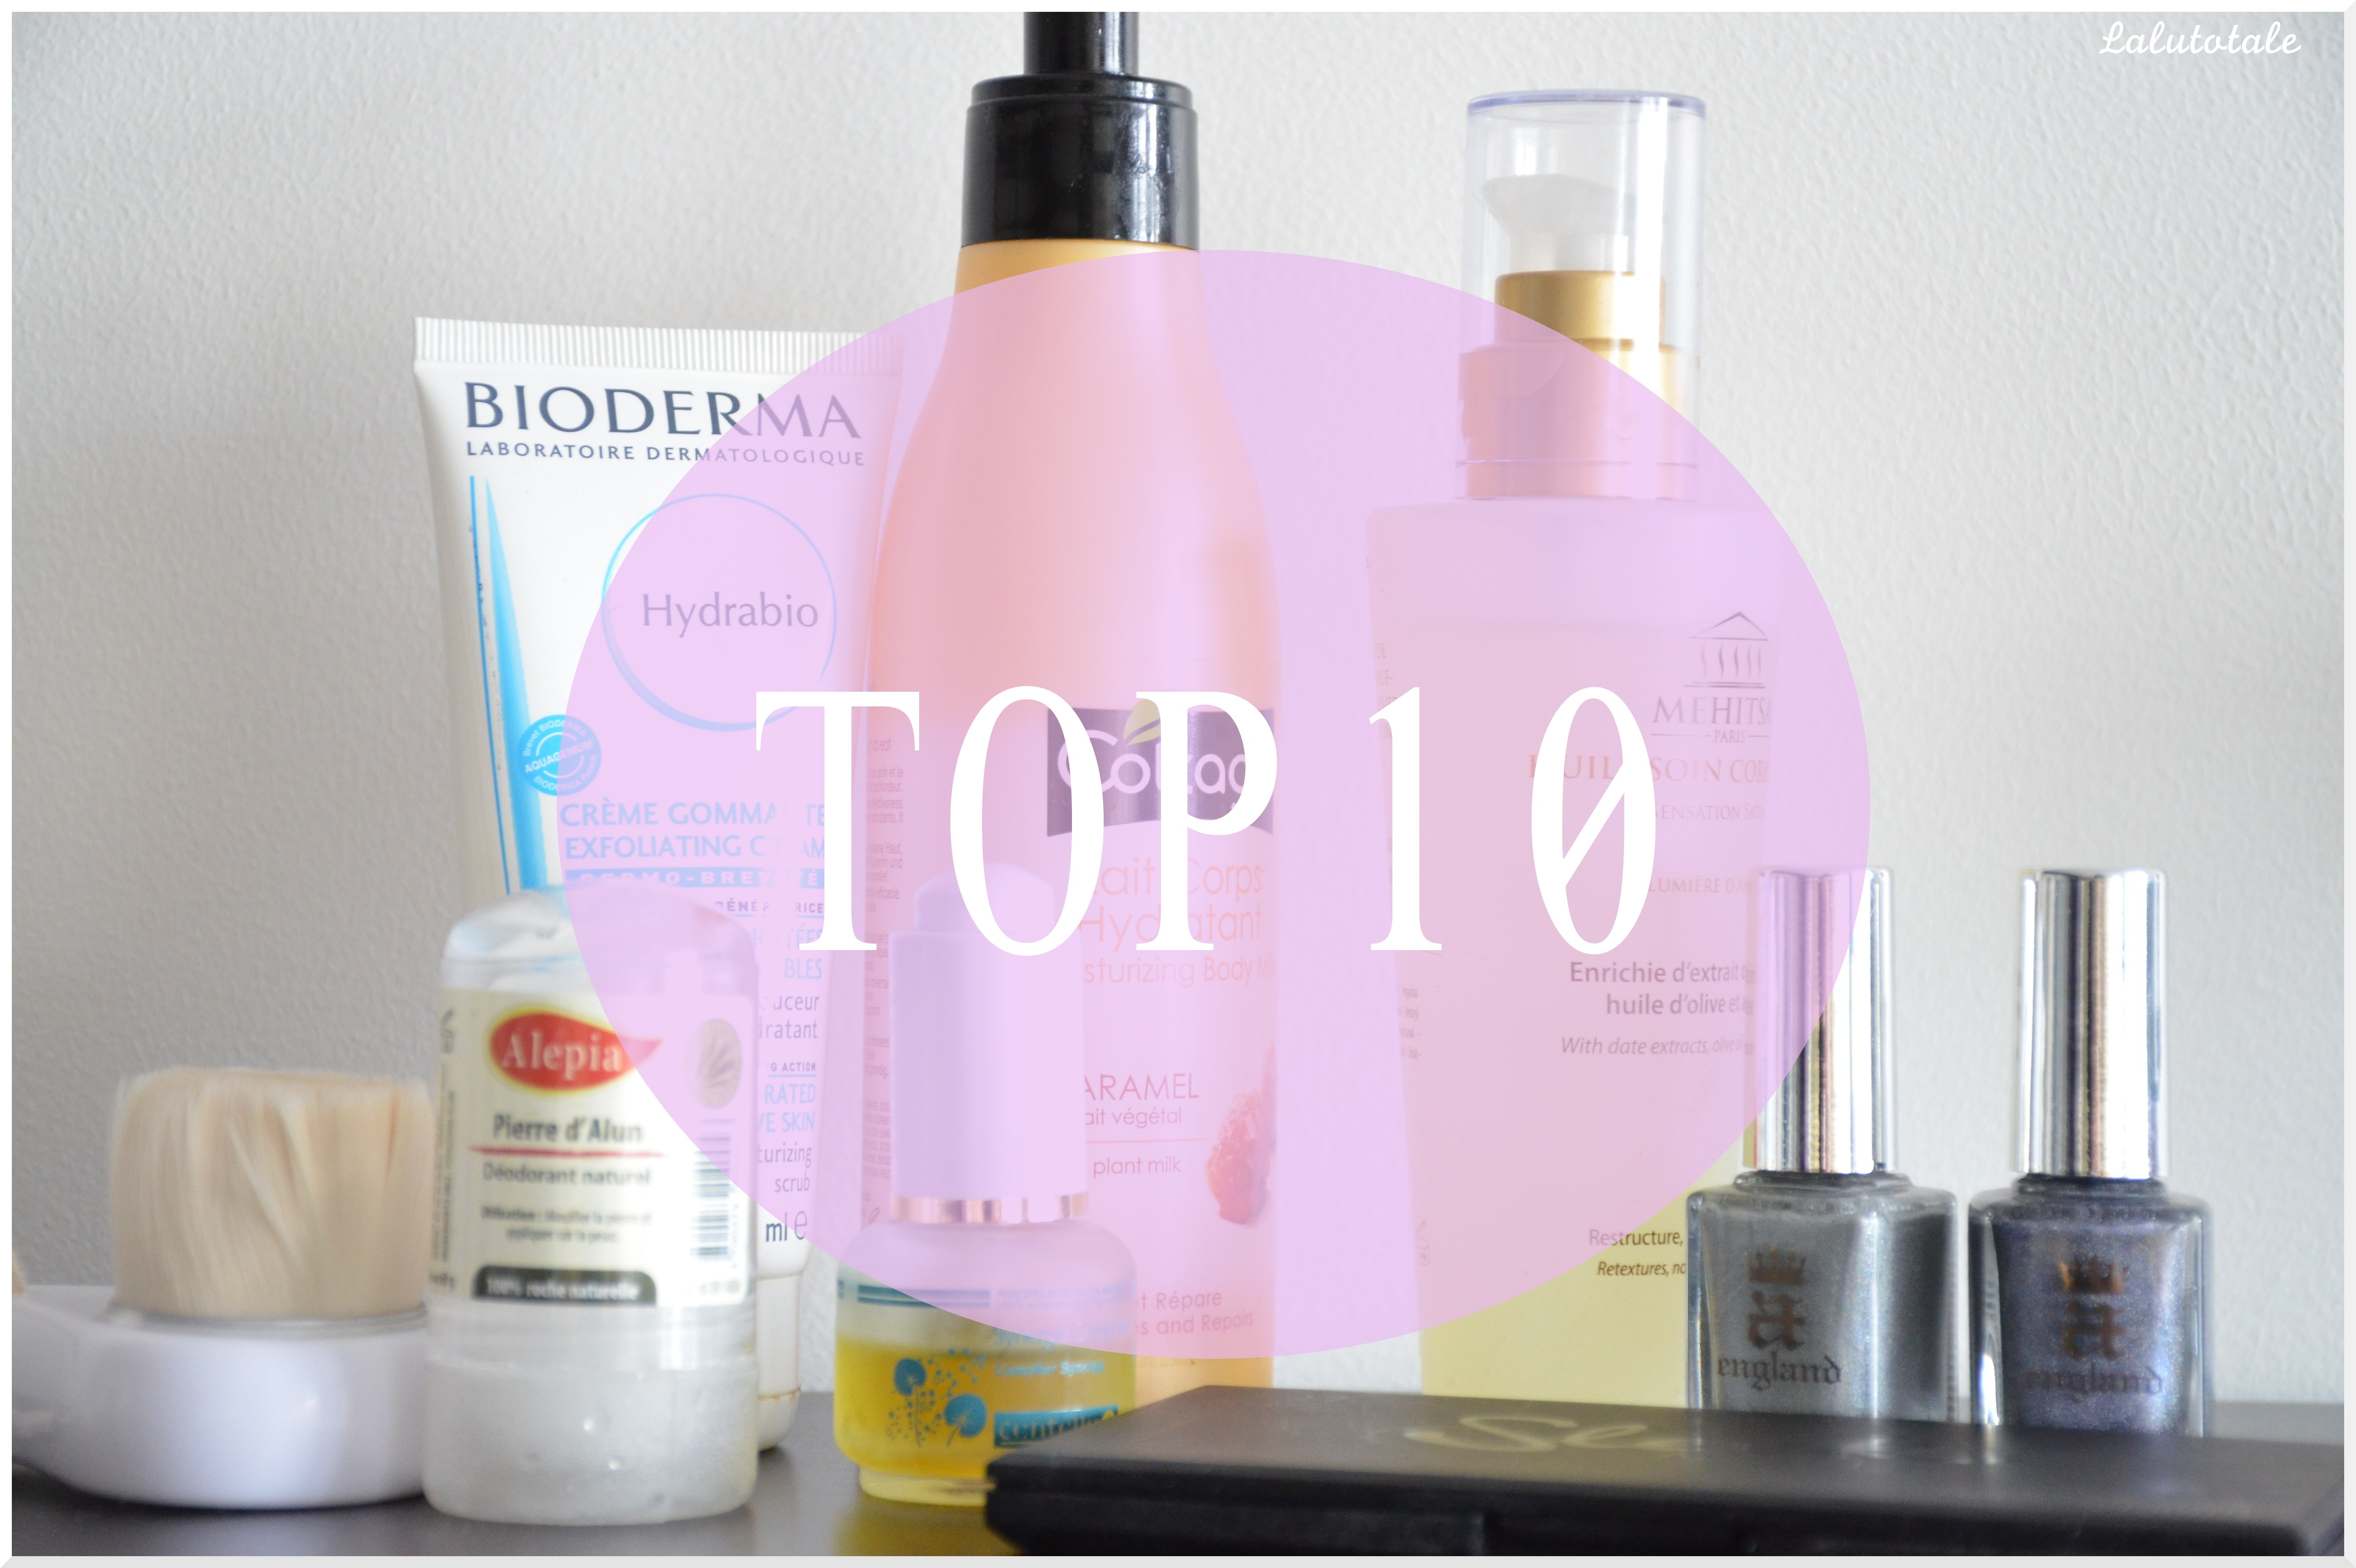 favoris année 2014 best of beauté cosmétiques